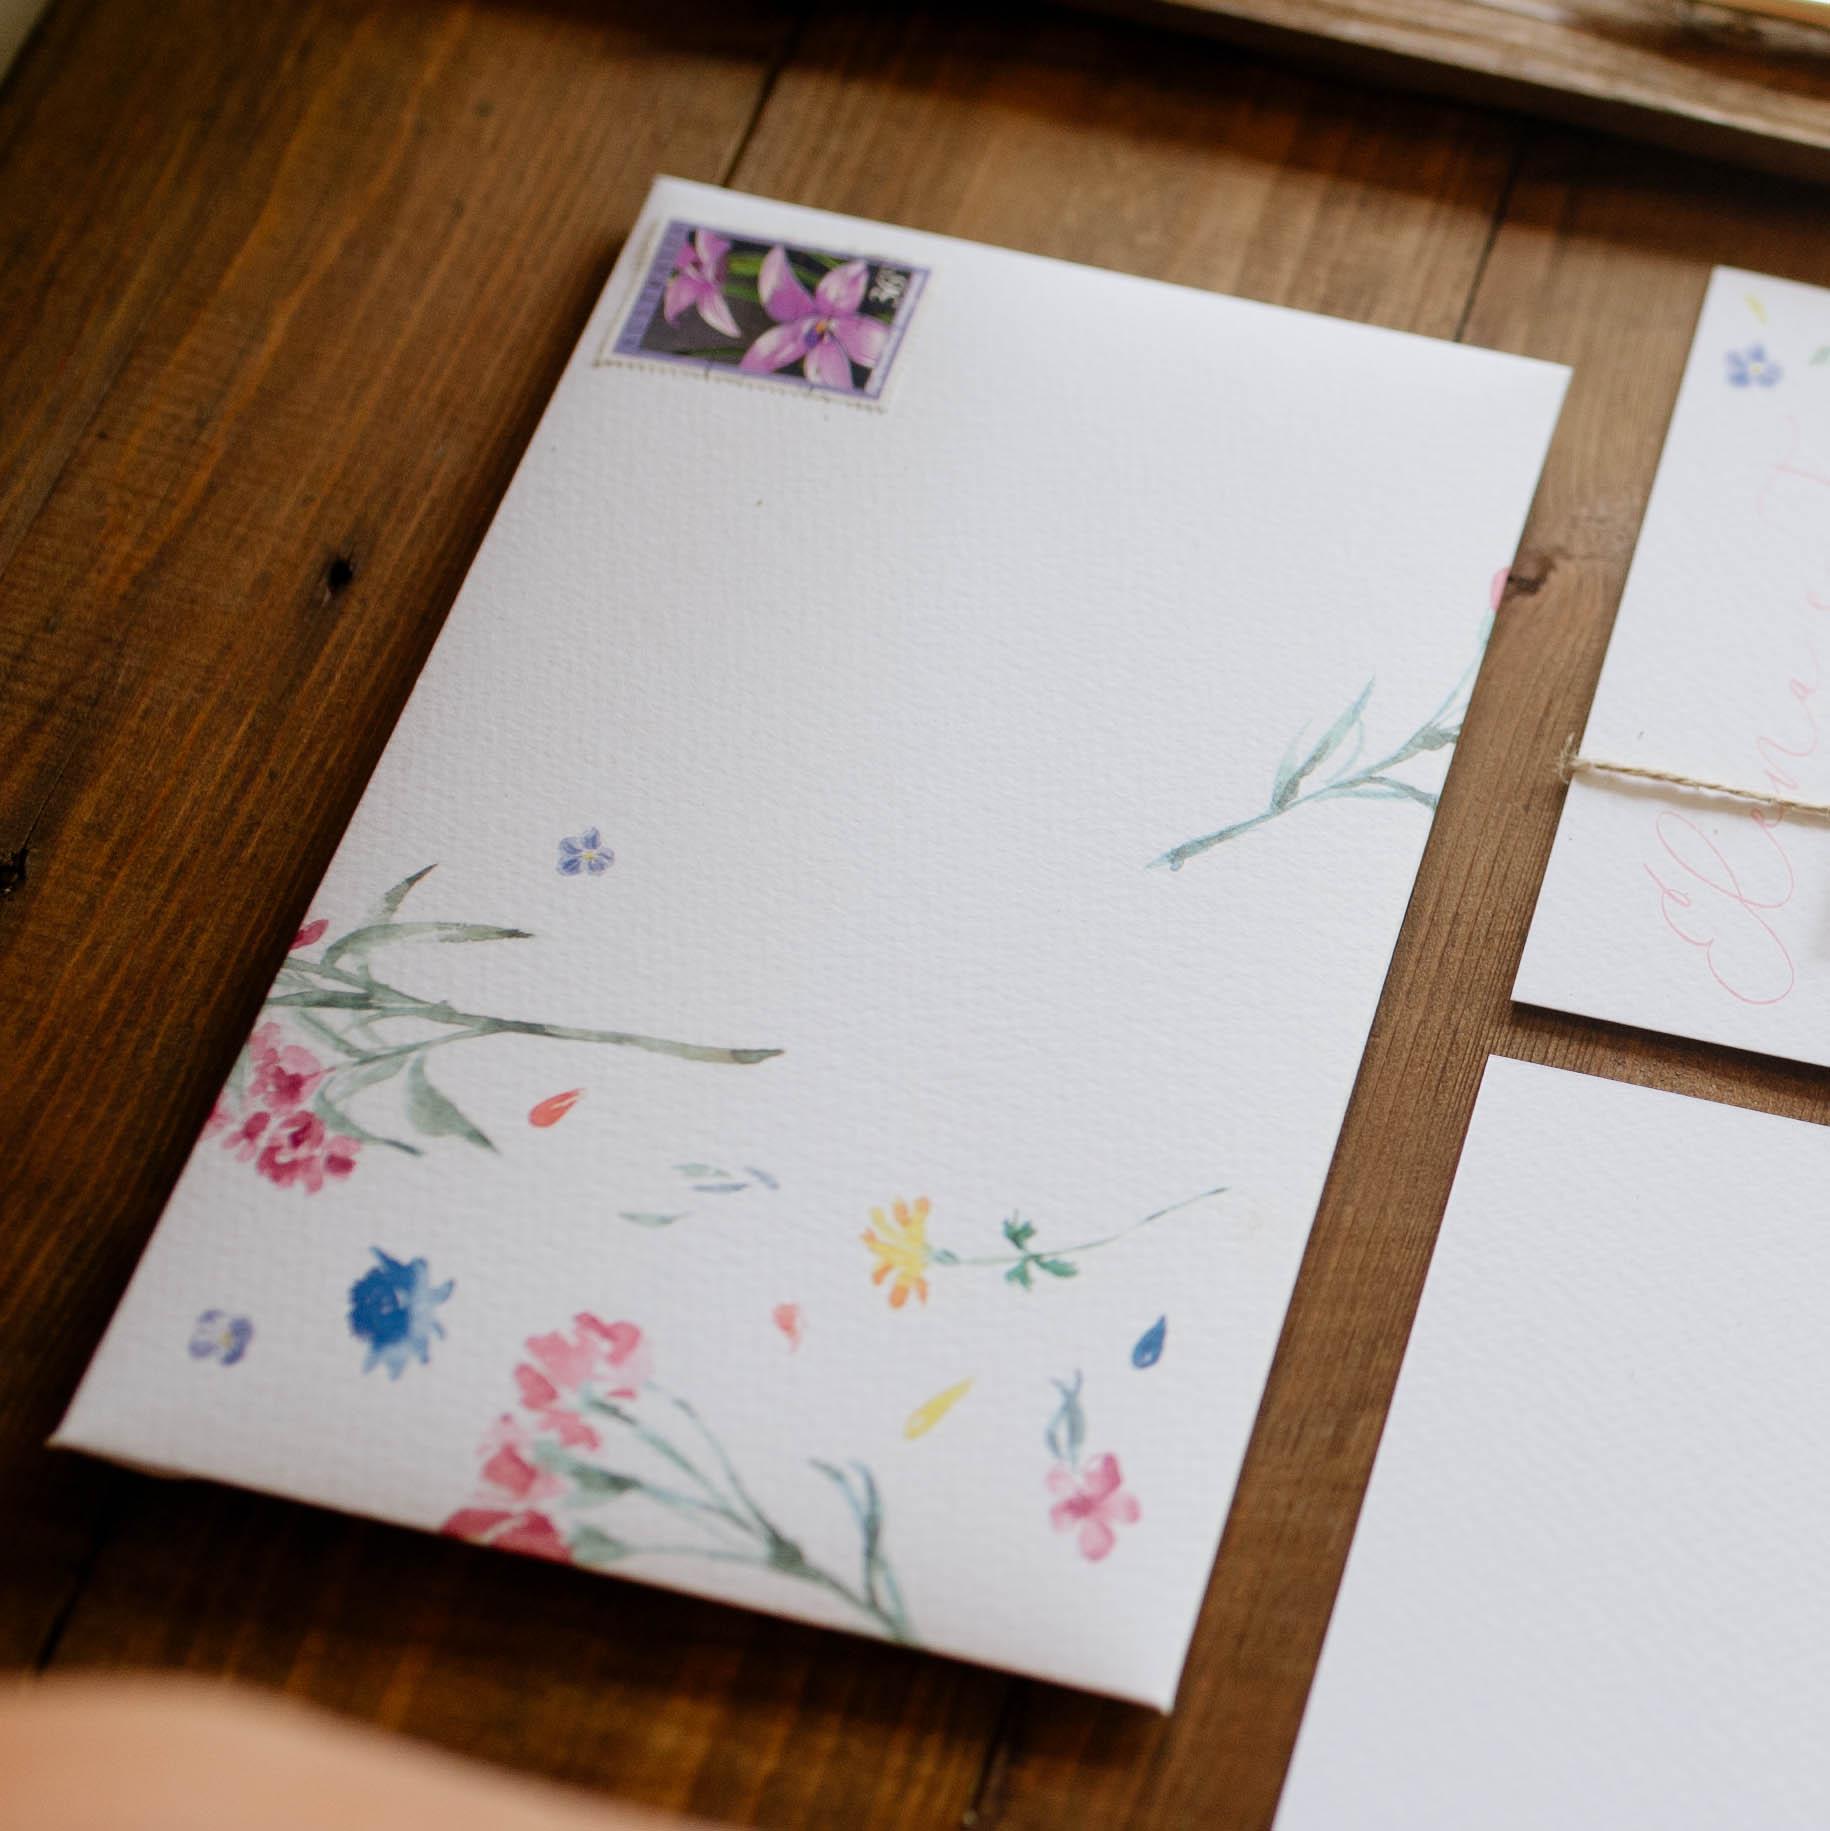 watercolor flowers on envelope